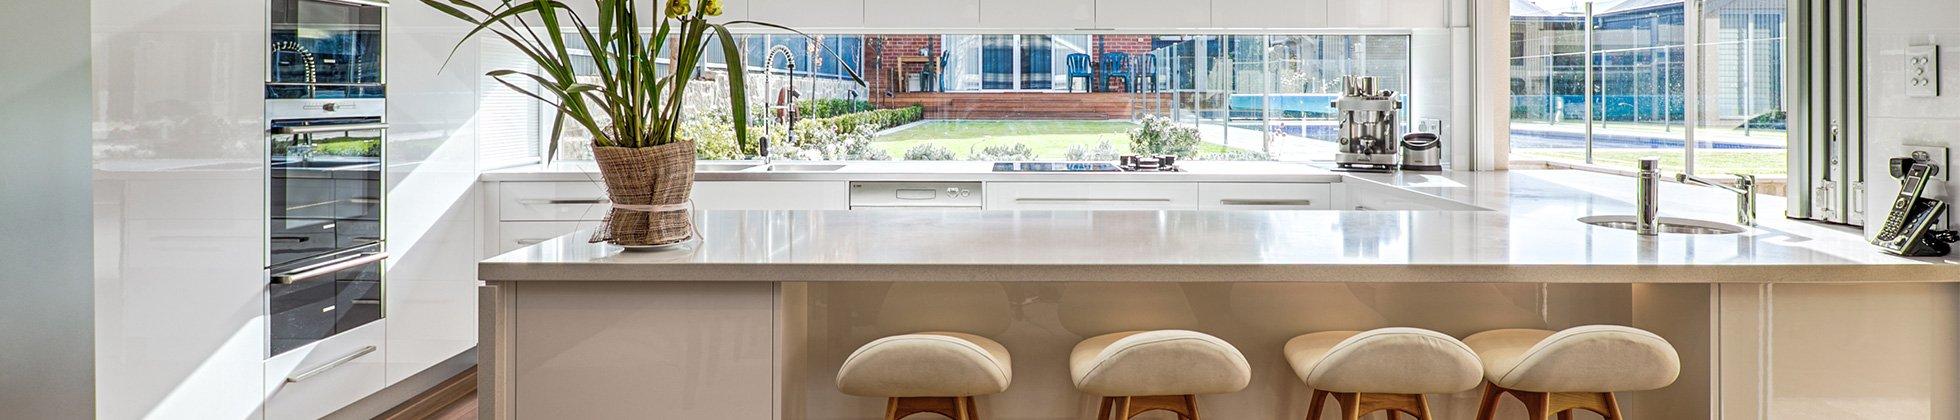 Modern kitchen design by ByUrban